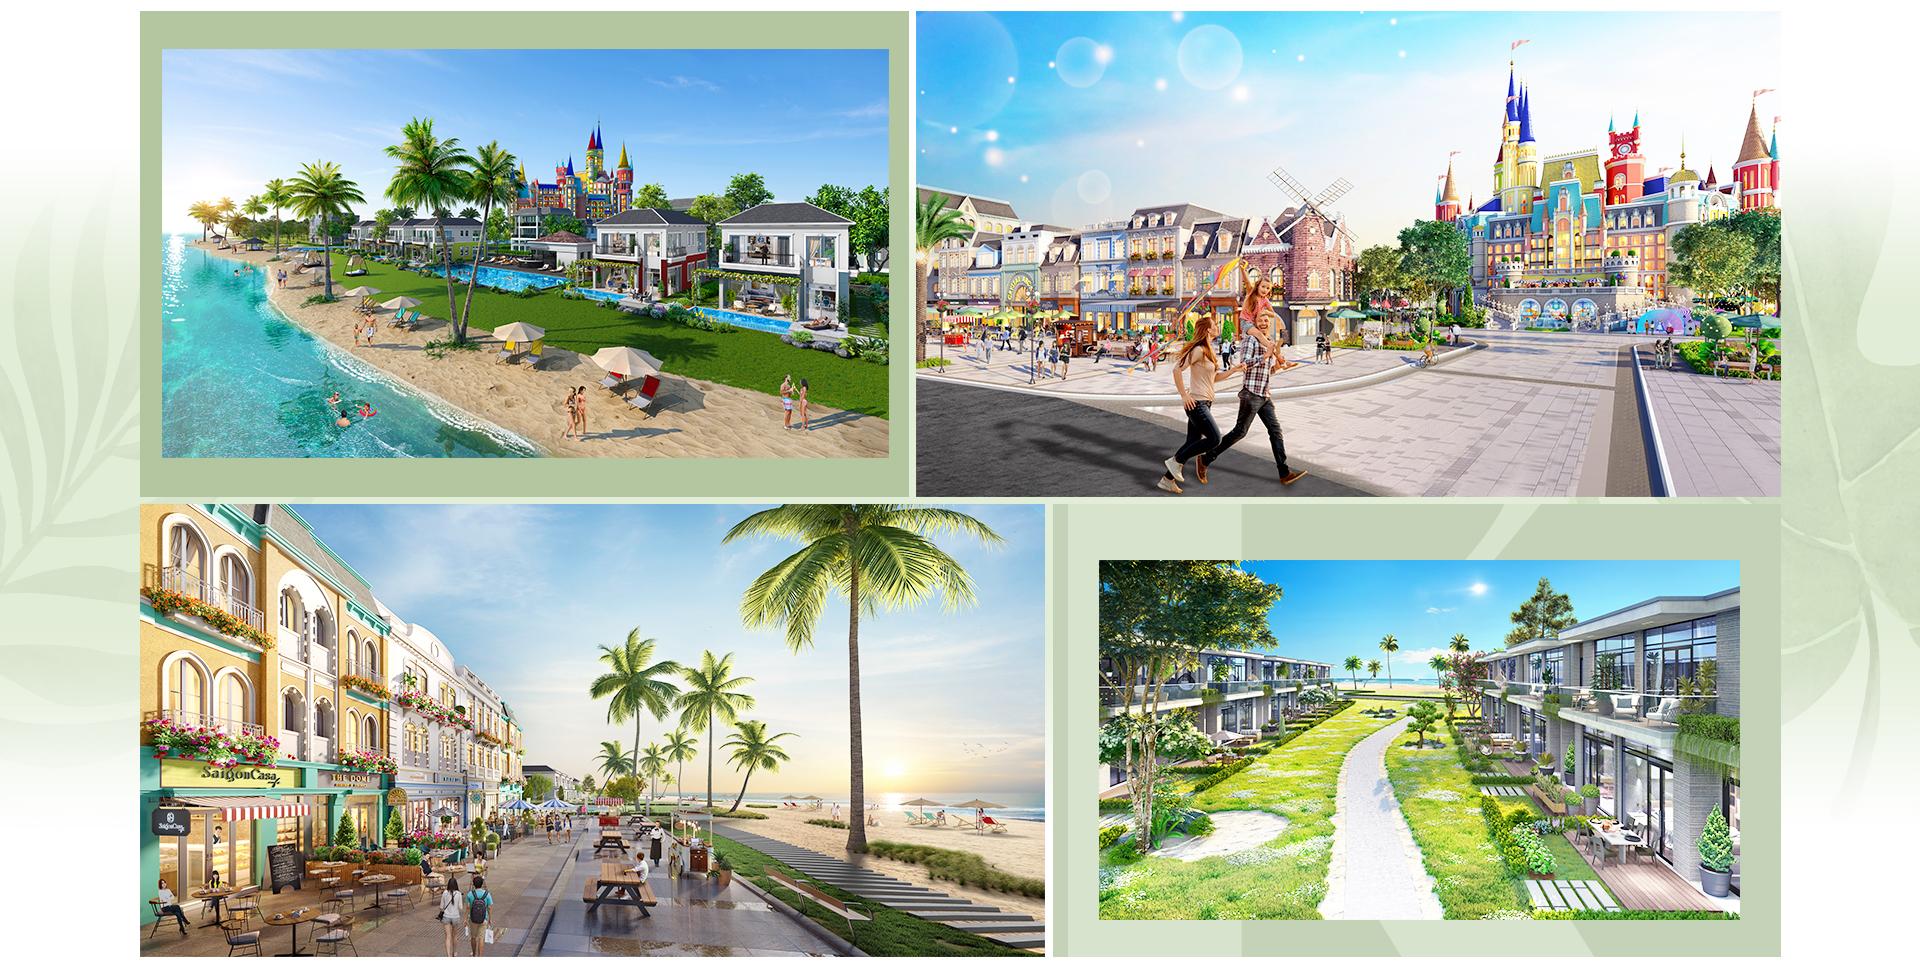 Điểm nhấn đầu tư bất động sản nghỉ dưỡng Hồ Tràm 10